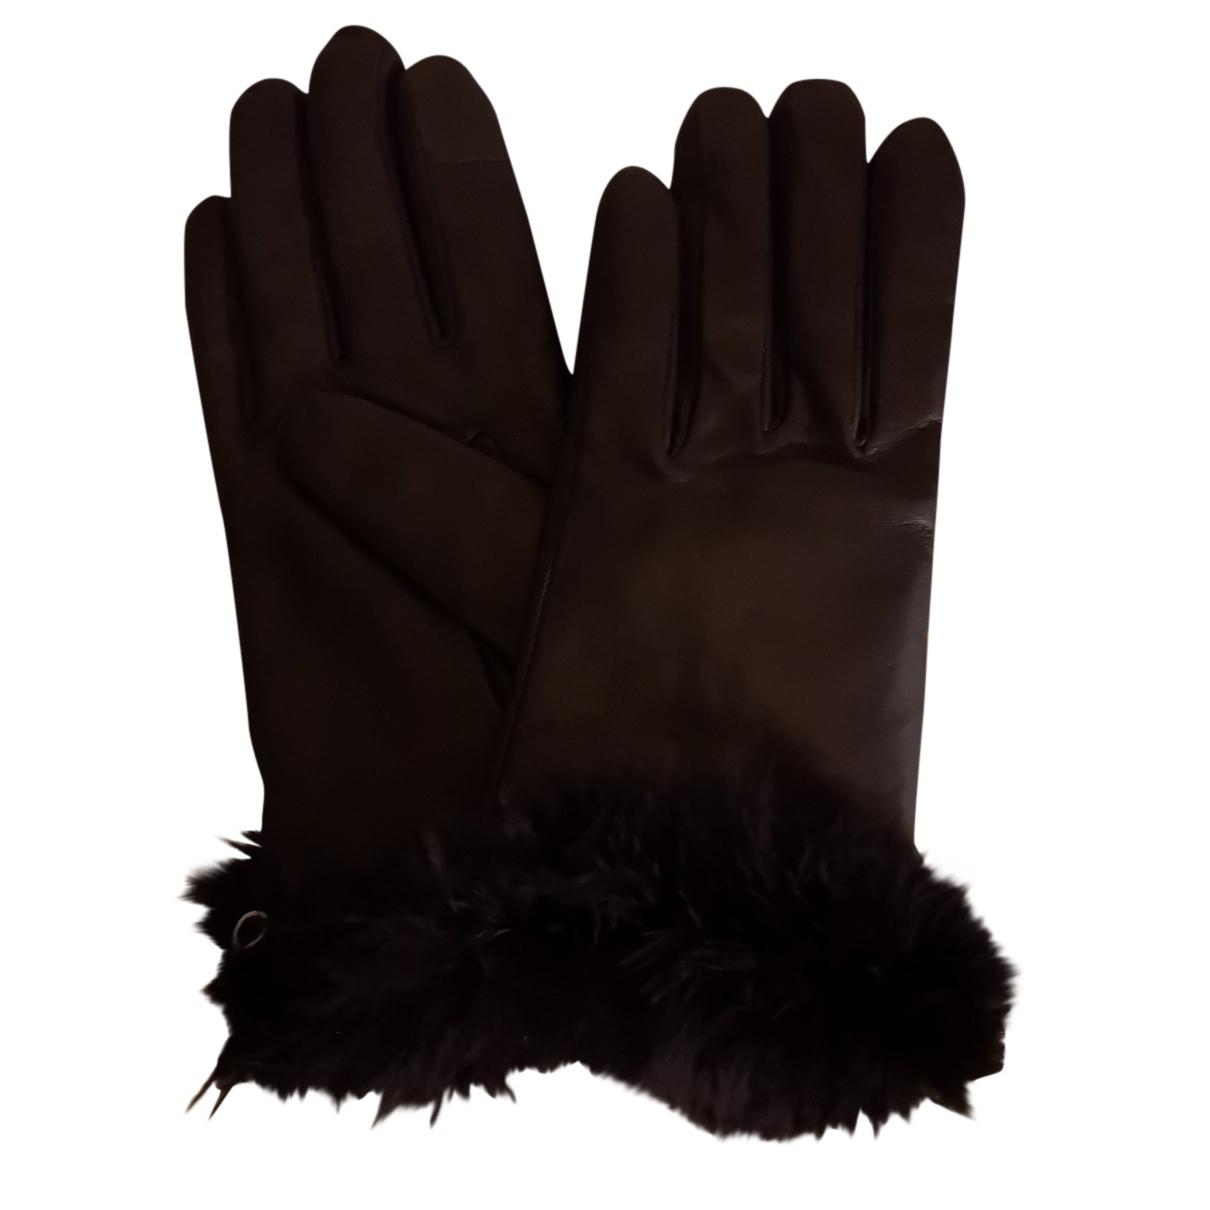 Agnelle \N Handschuhe in  Schwarz Leder